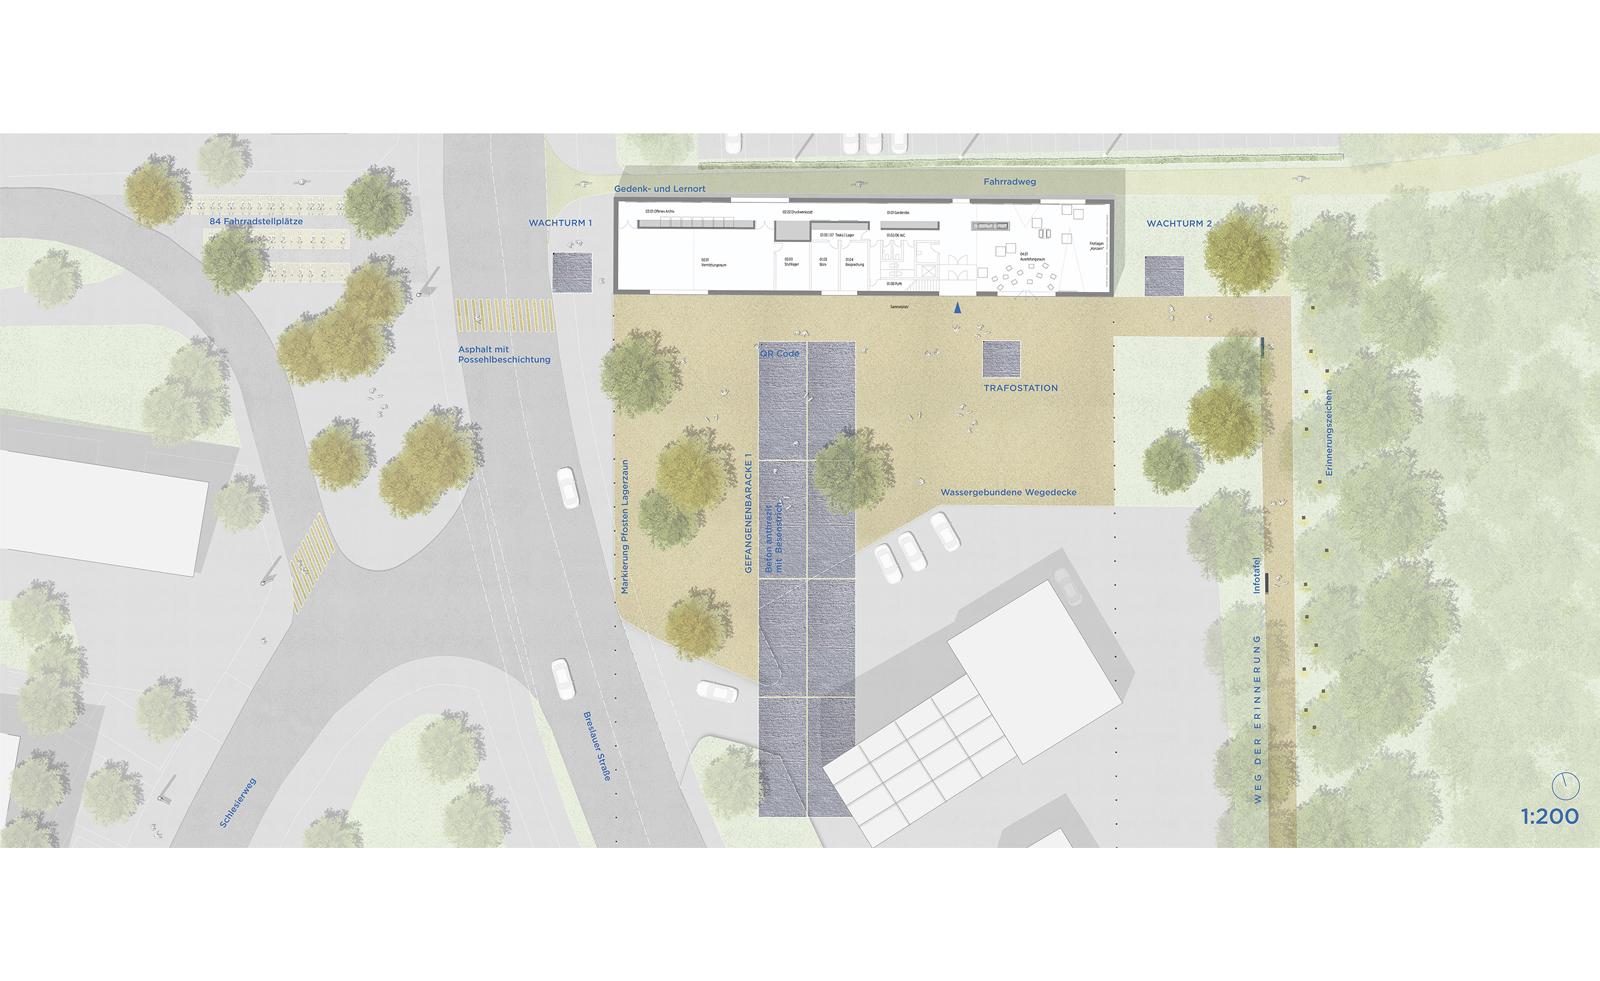 wettbewerb-aussenanlage-lageplan-konzept-landschaftarchitekturbuero-laagberg-berlin-albert-armbruster